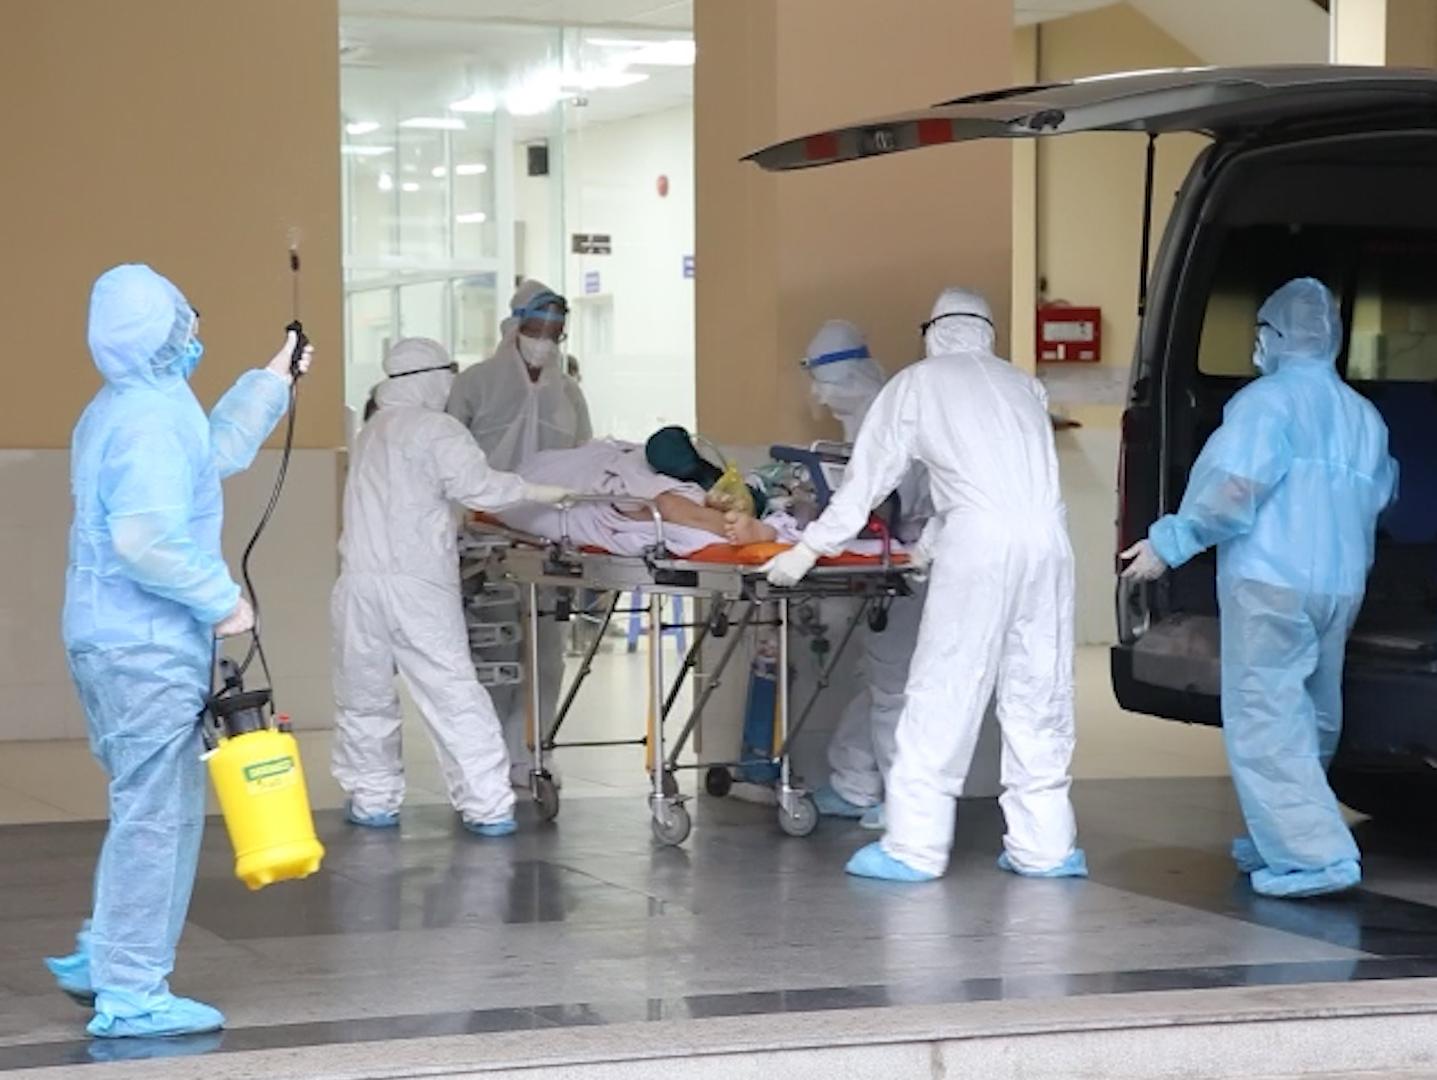 Bệnh viện Chợ Rẫy chuyển chiến sĩ công an mắc COVID-19 cùng máy ECMO về bệnh viện điều trị, ảnh BVCC